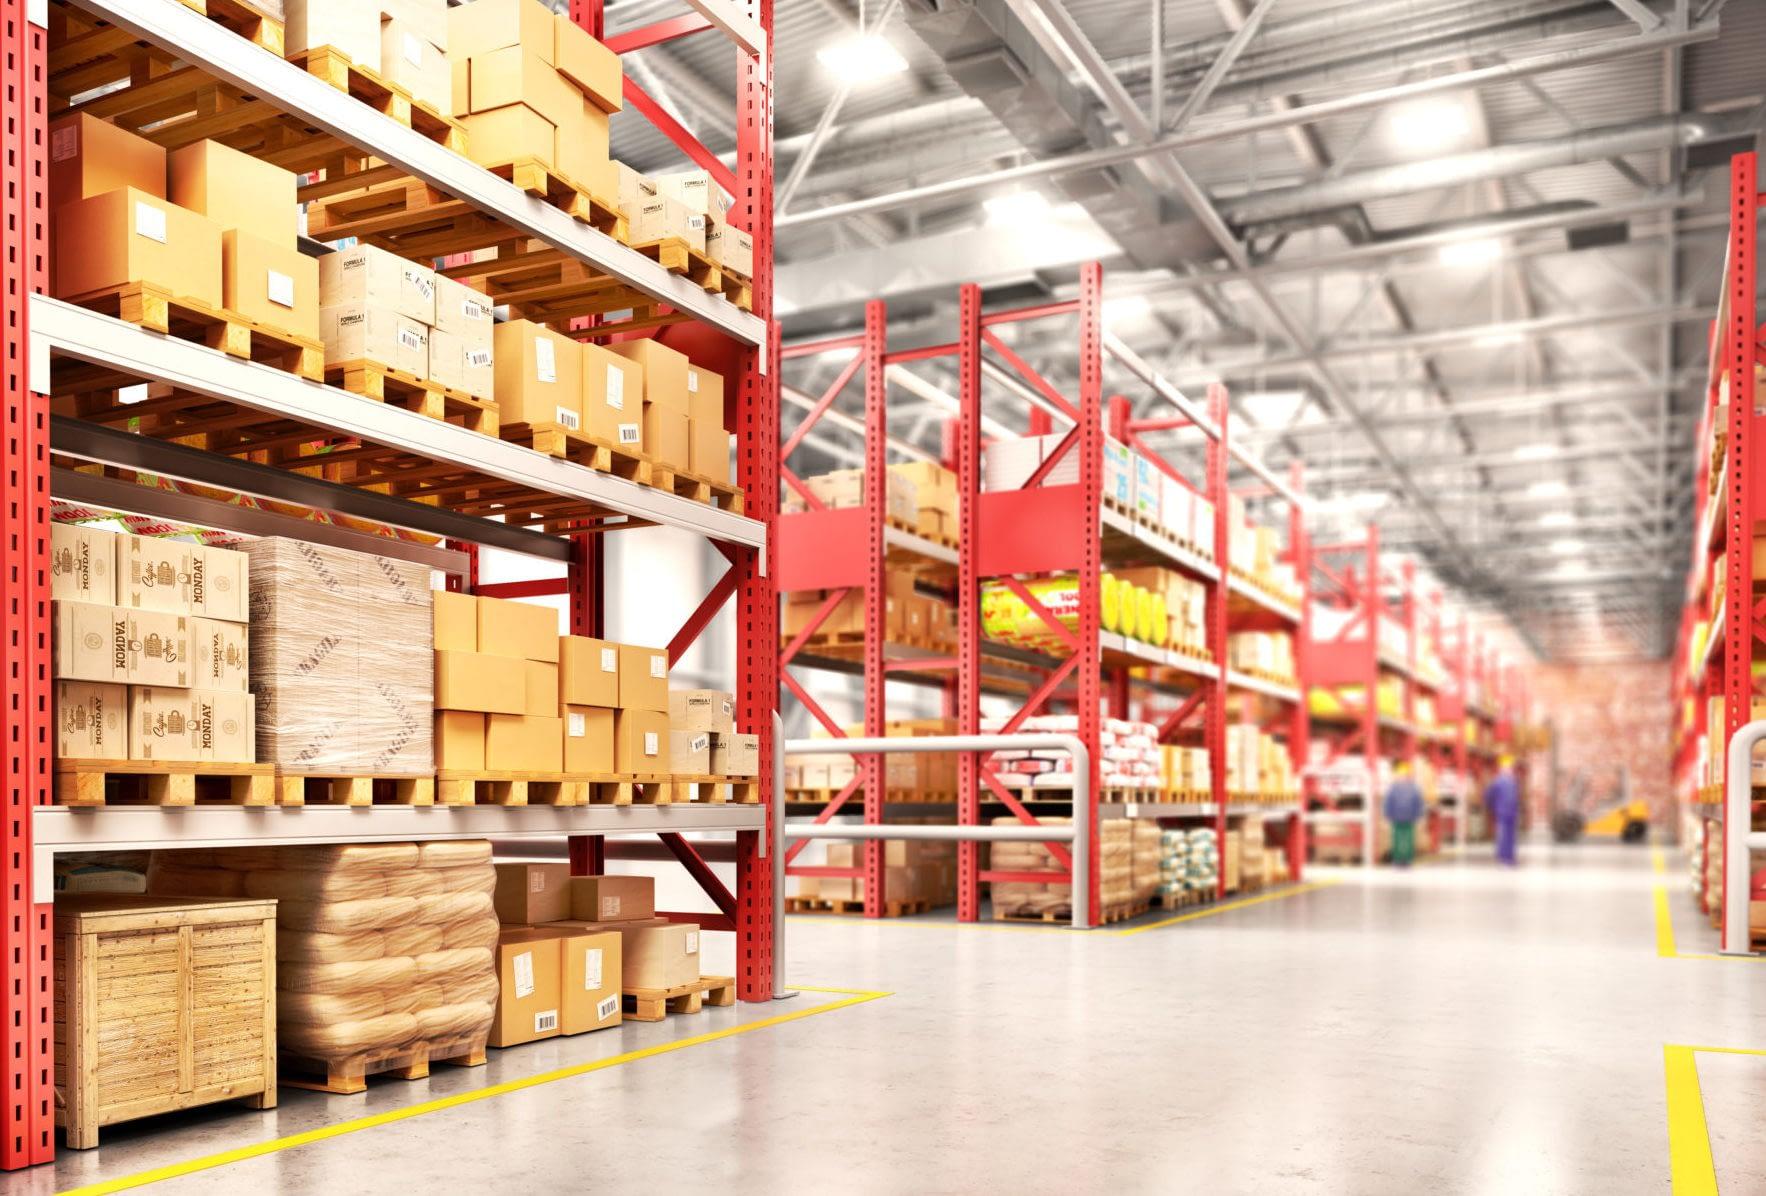 Packaging Solutions - Planet Packaging, Poulton-Le-Fylde, Lancashire